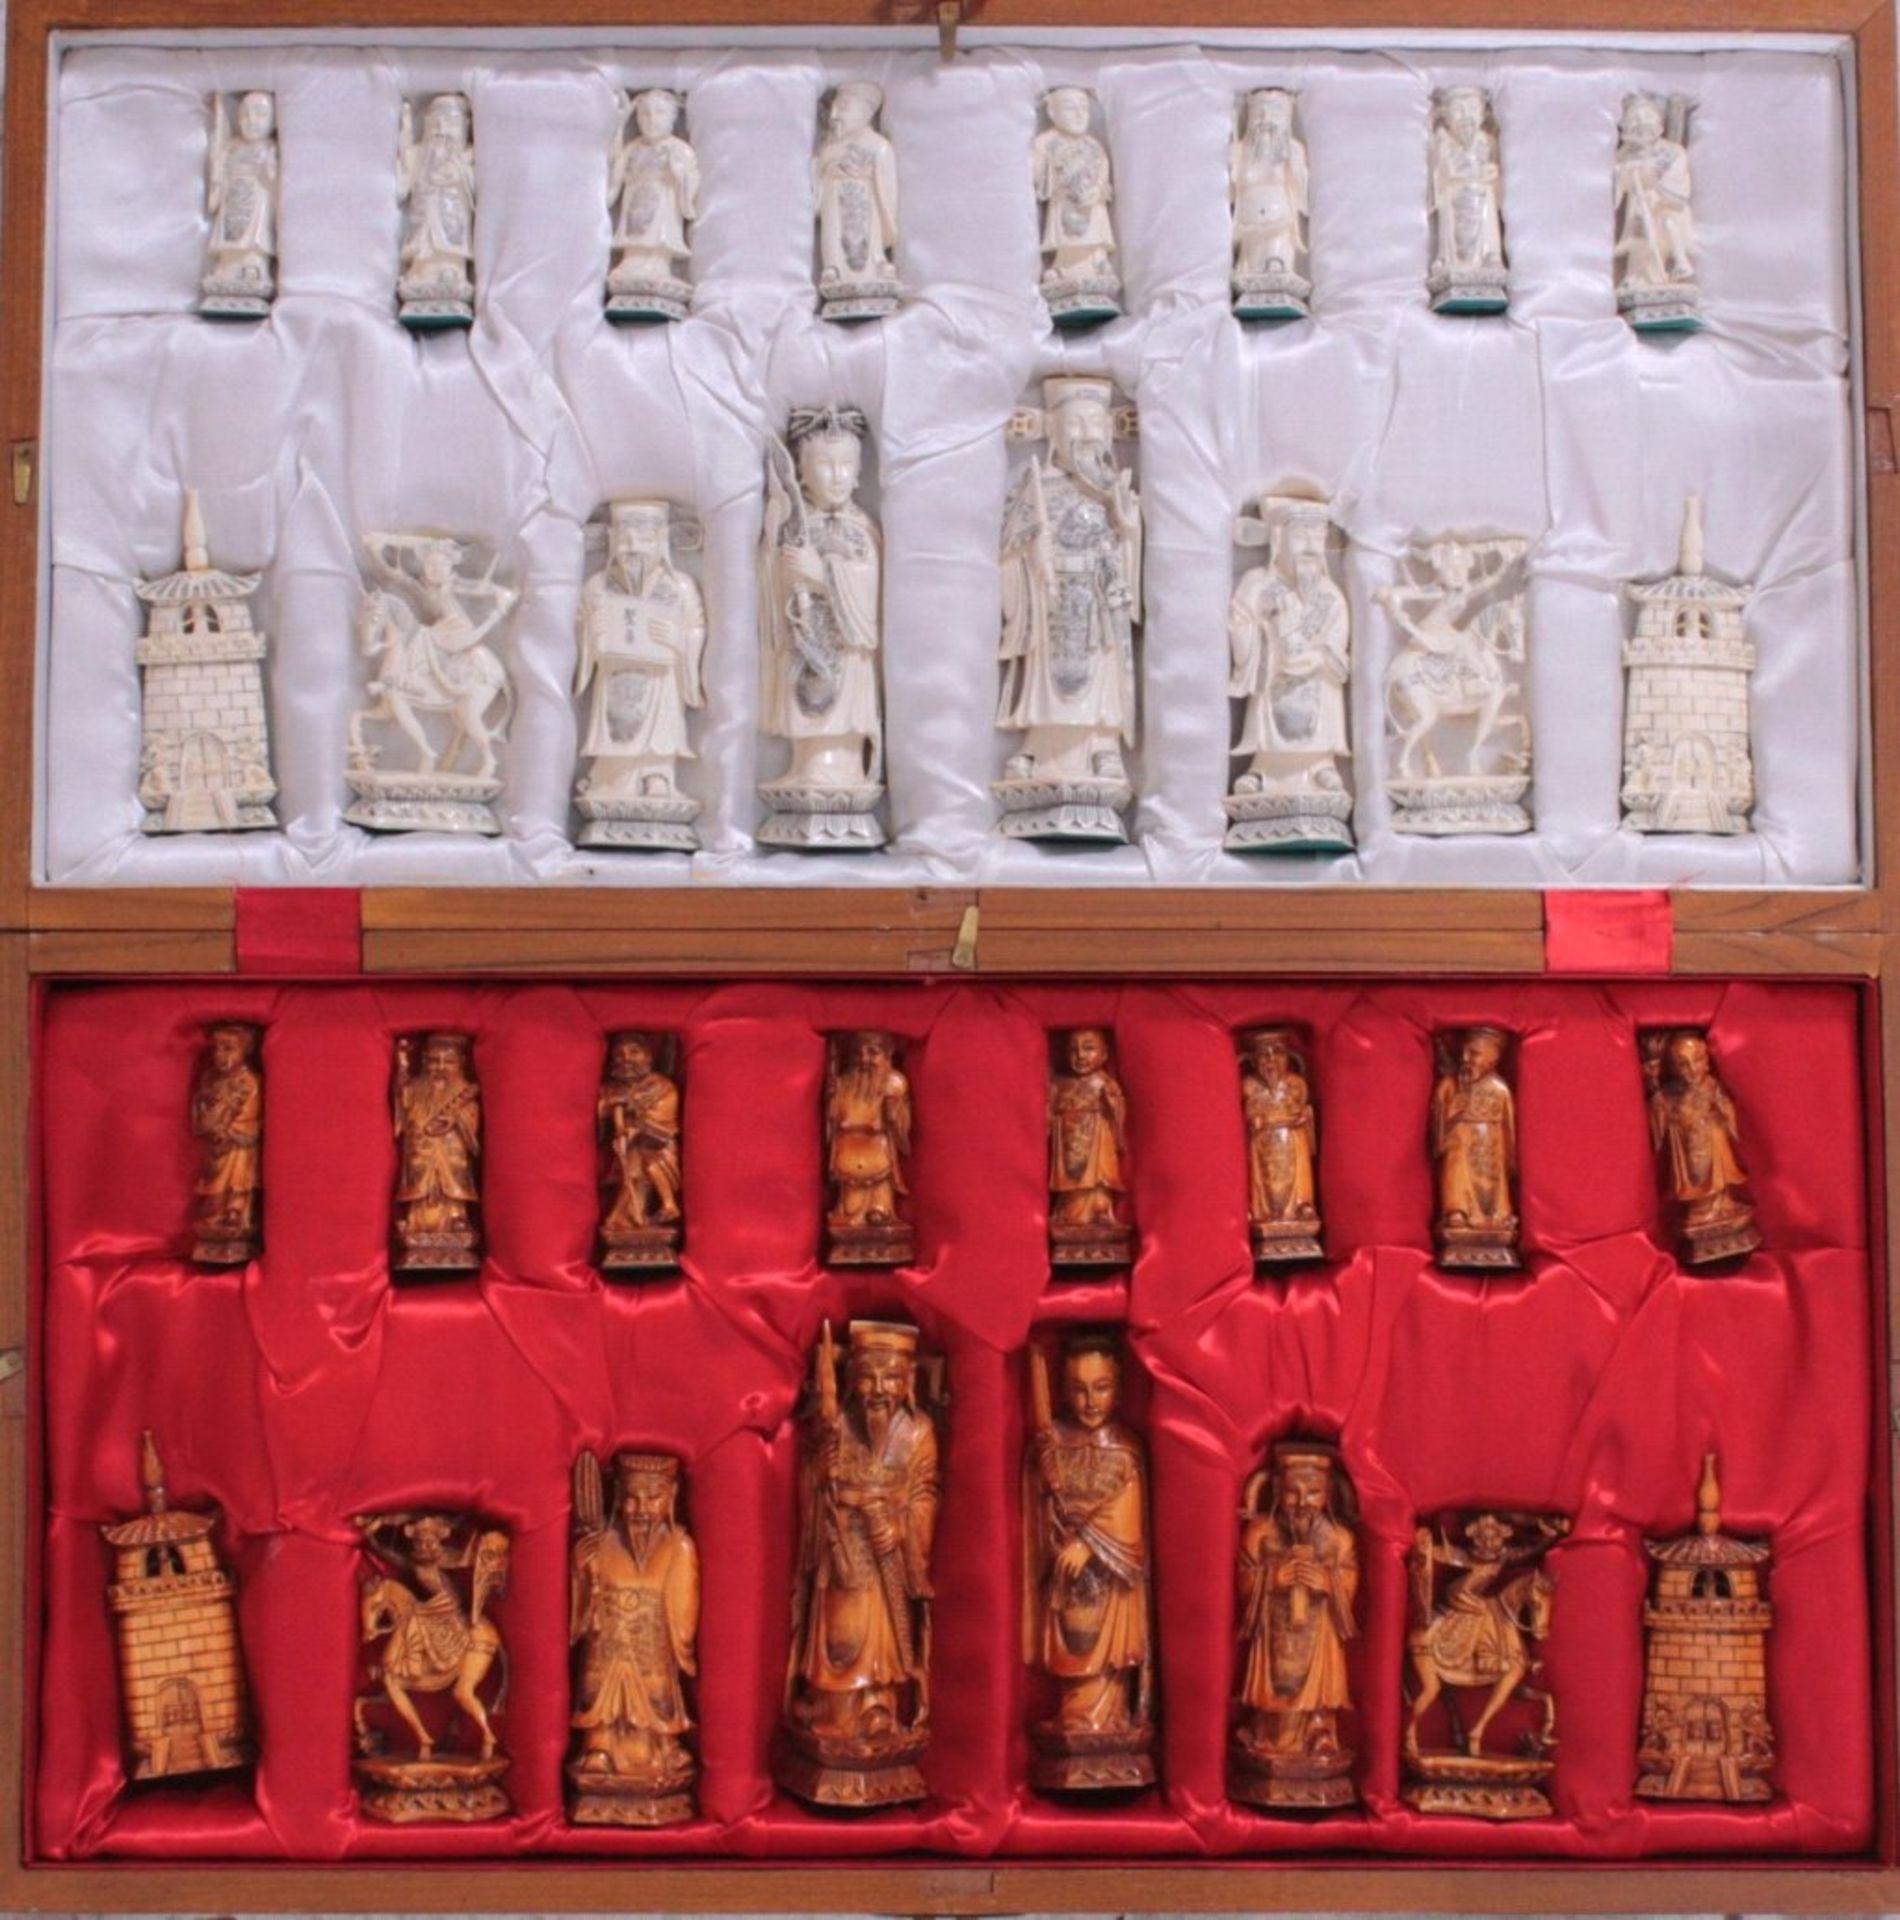 Elfenbein-Schachspiel - China32 Schachfiguren, Elfenbein geschnitzt, partiell brauneingefärbt, in - Bild 2 aus 3